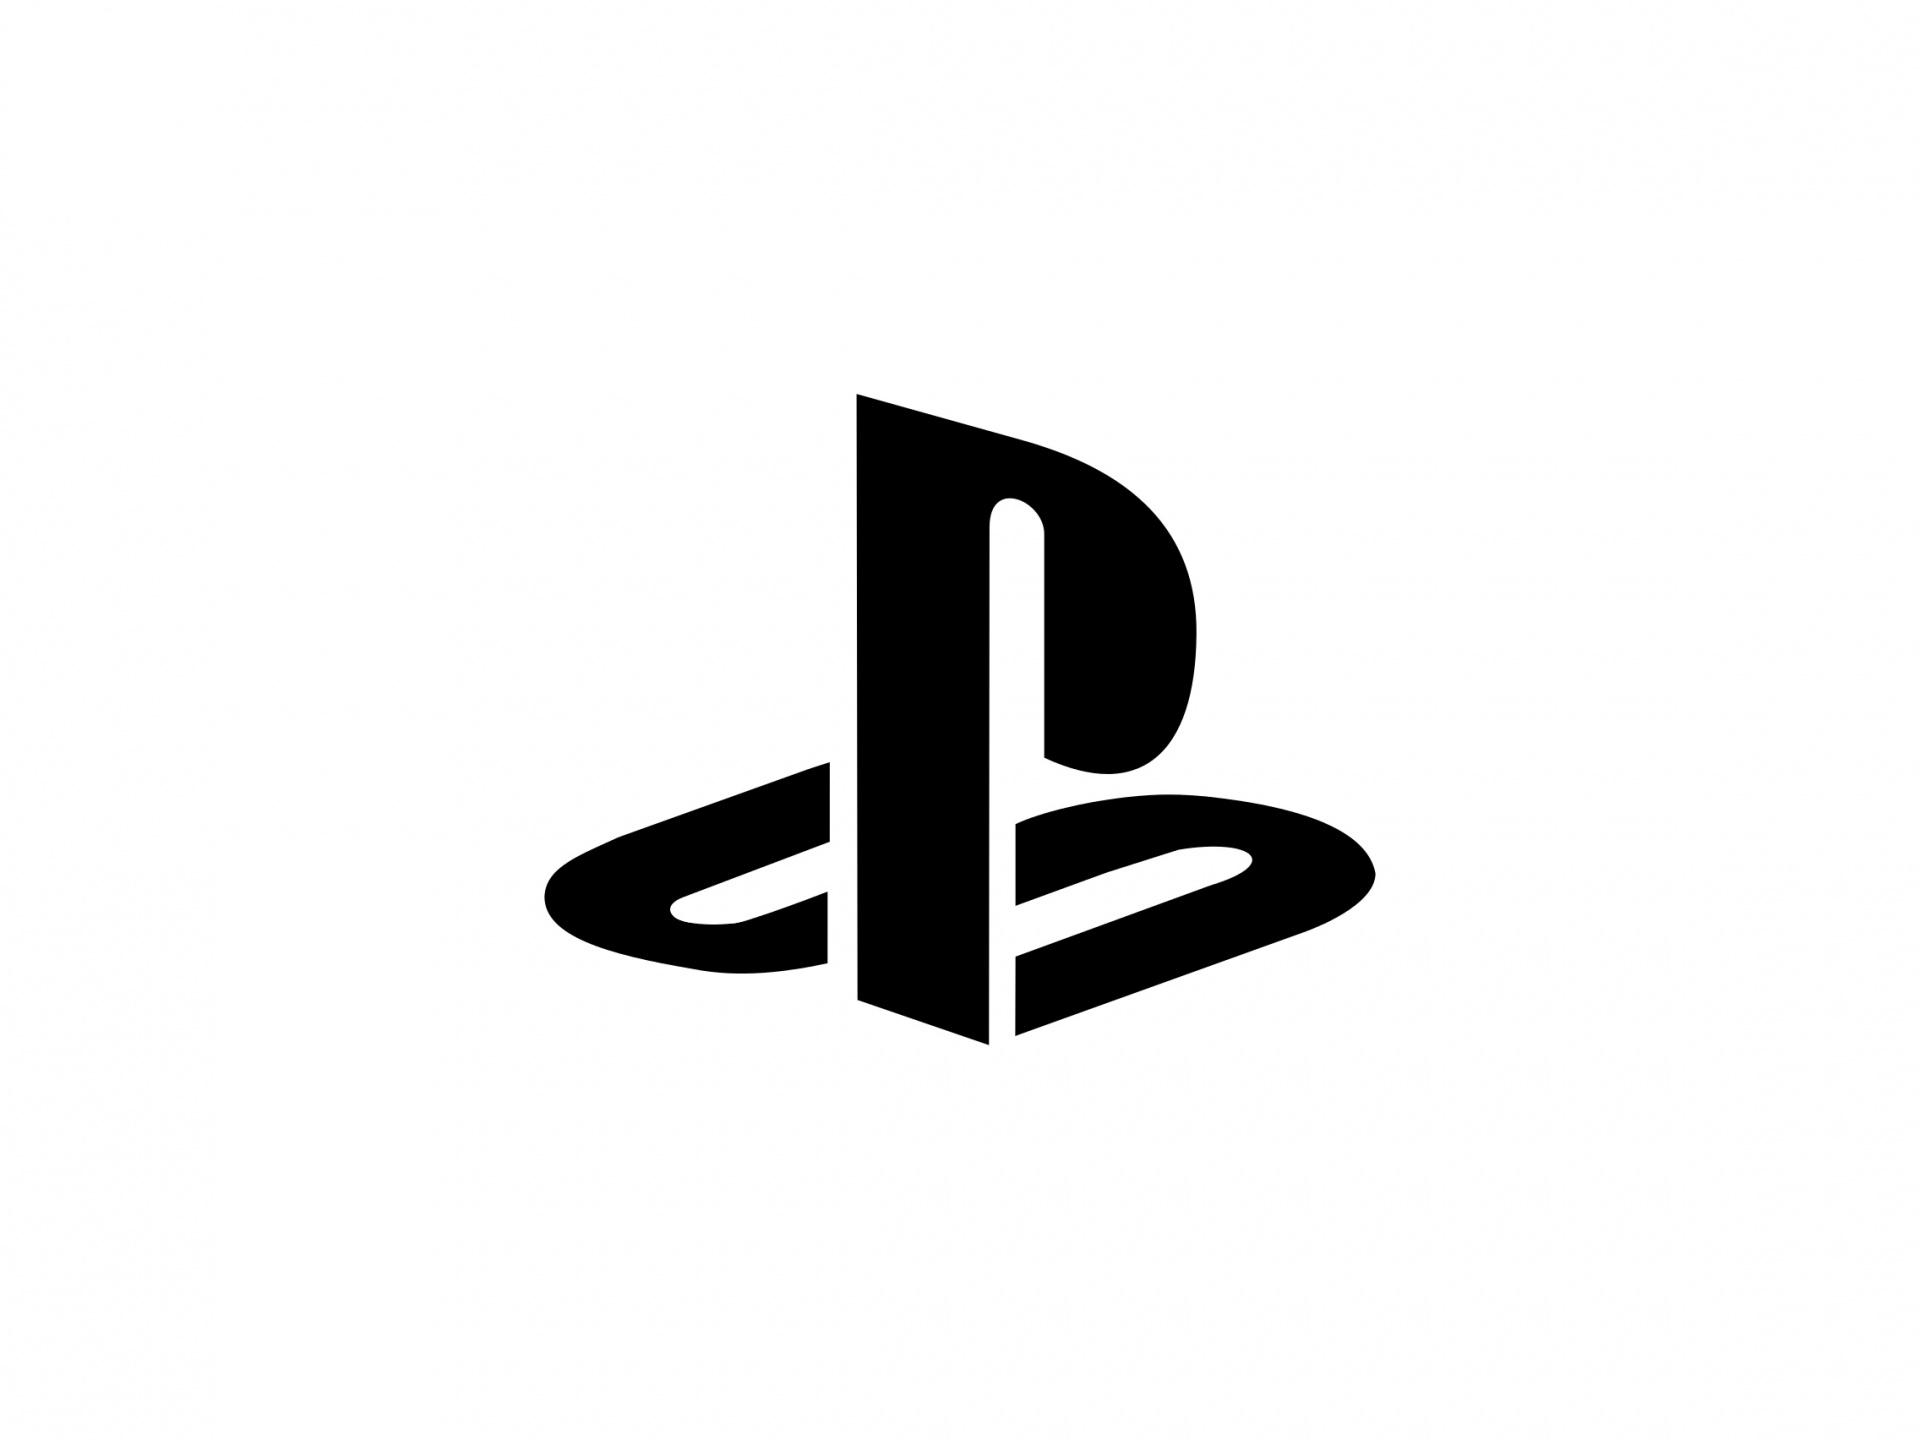 Какой у вас уровень трофеев PlayStation?